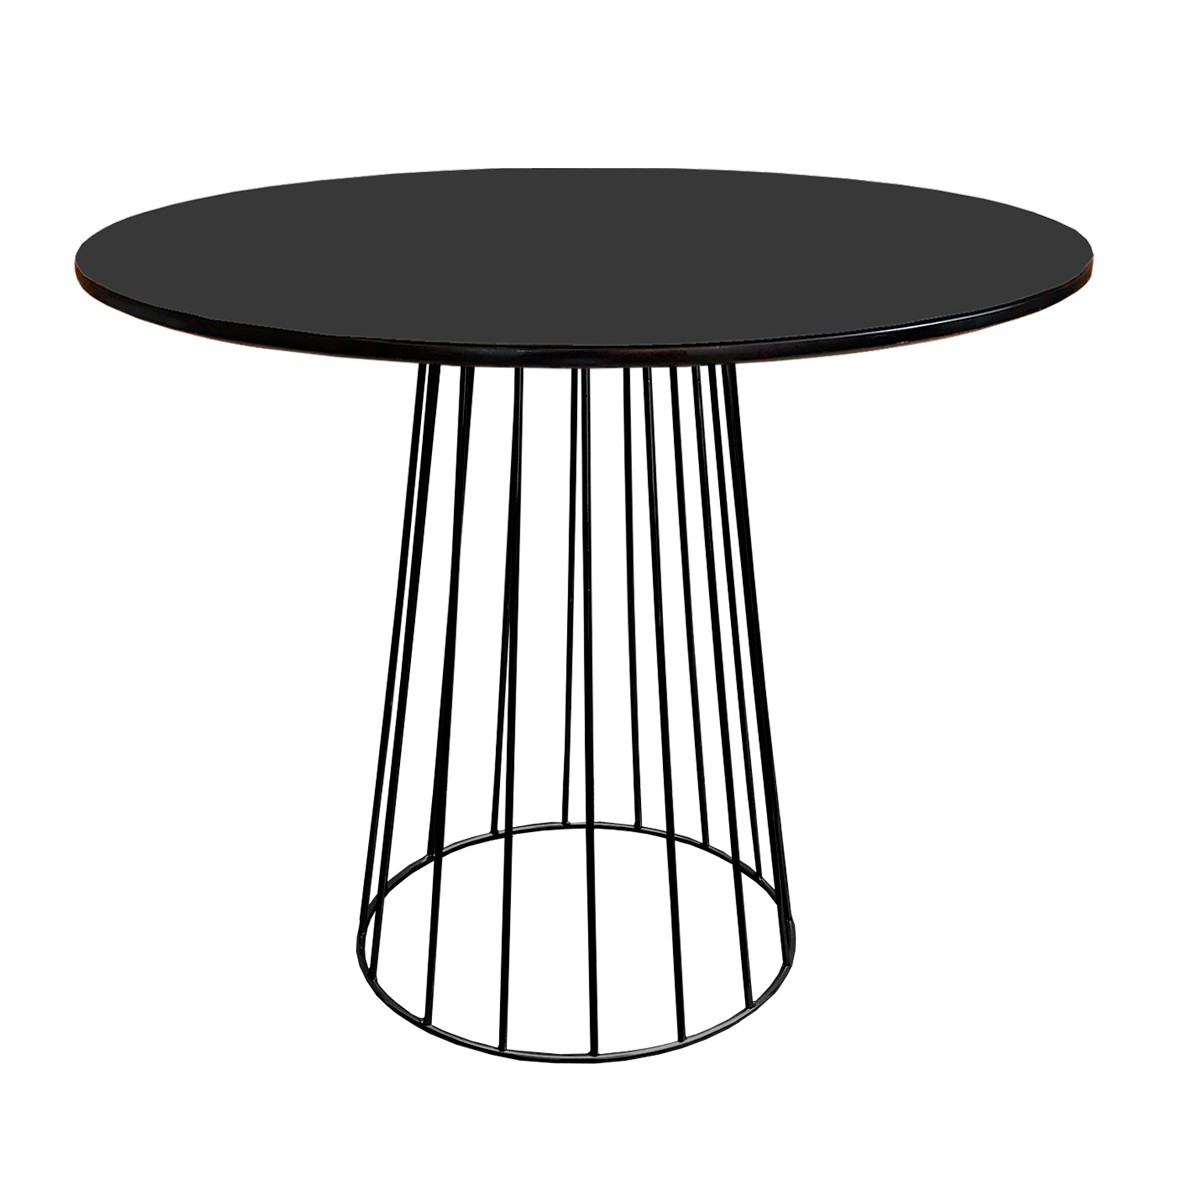 Mesa de Jantar Cone Redonda Raiada Preta Fosca Com Tampo Coverglass Sobreposto